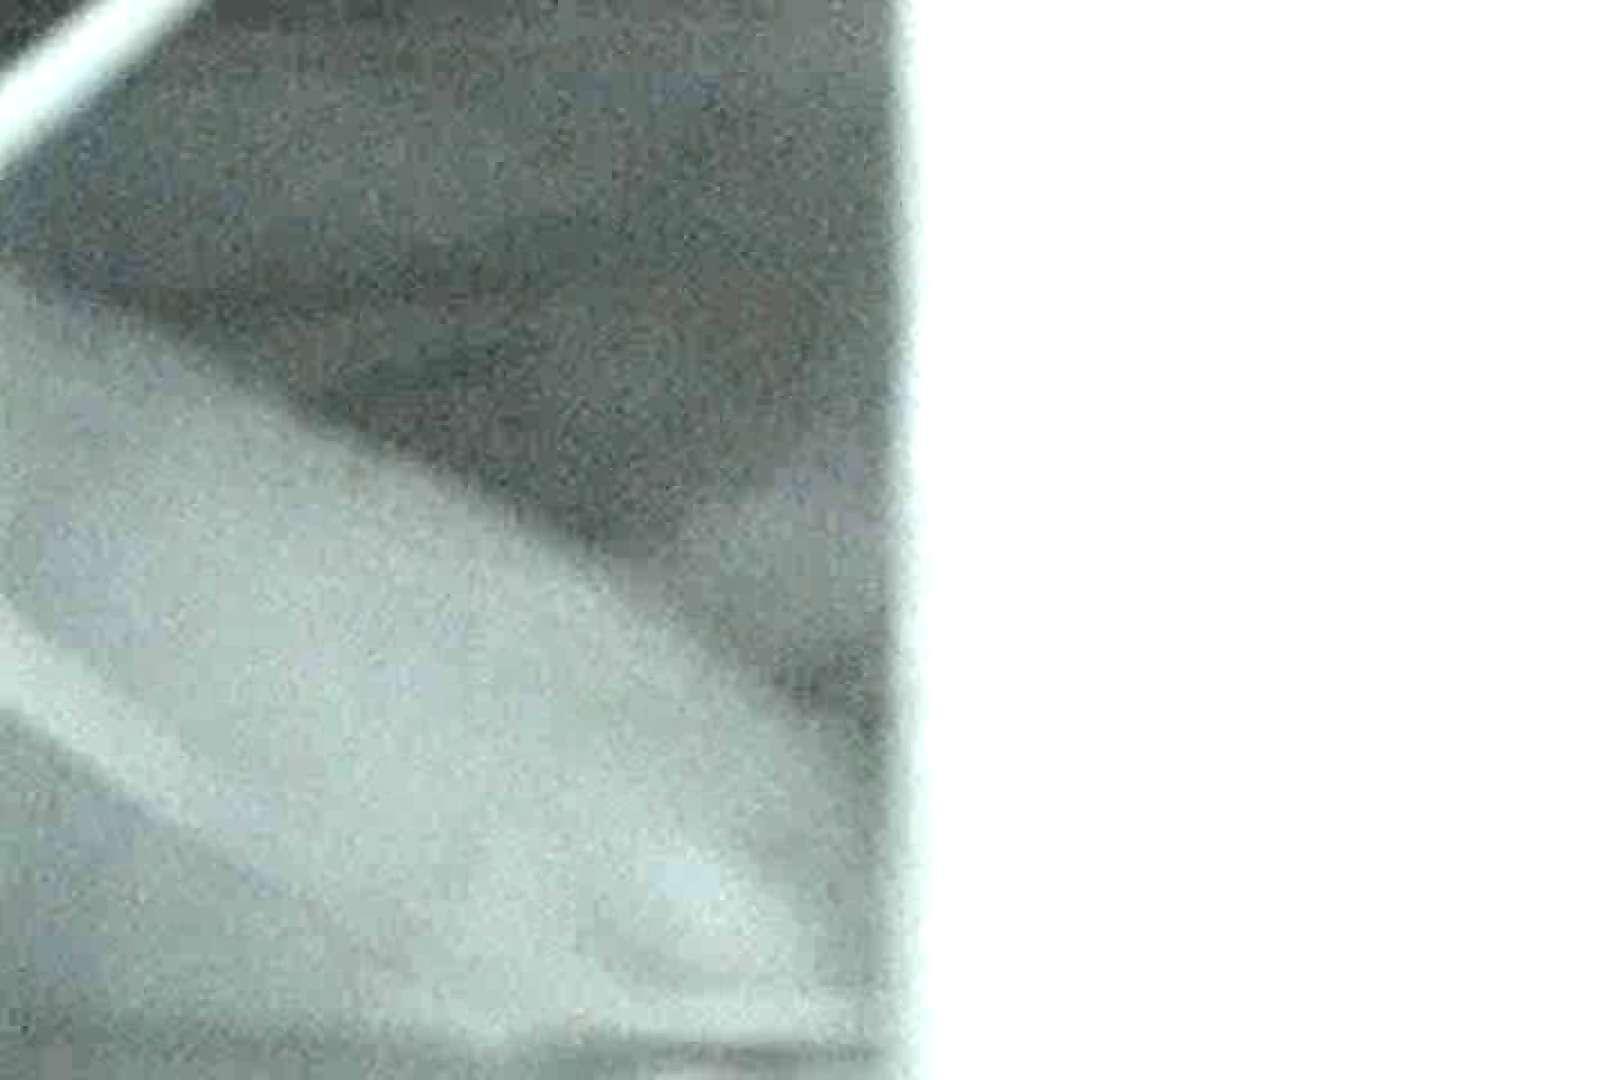 充血監督の深夜の運動会Vol.12 裸体 すけべAV動画紹介 98連発 54